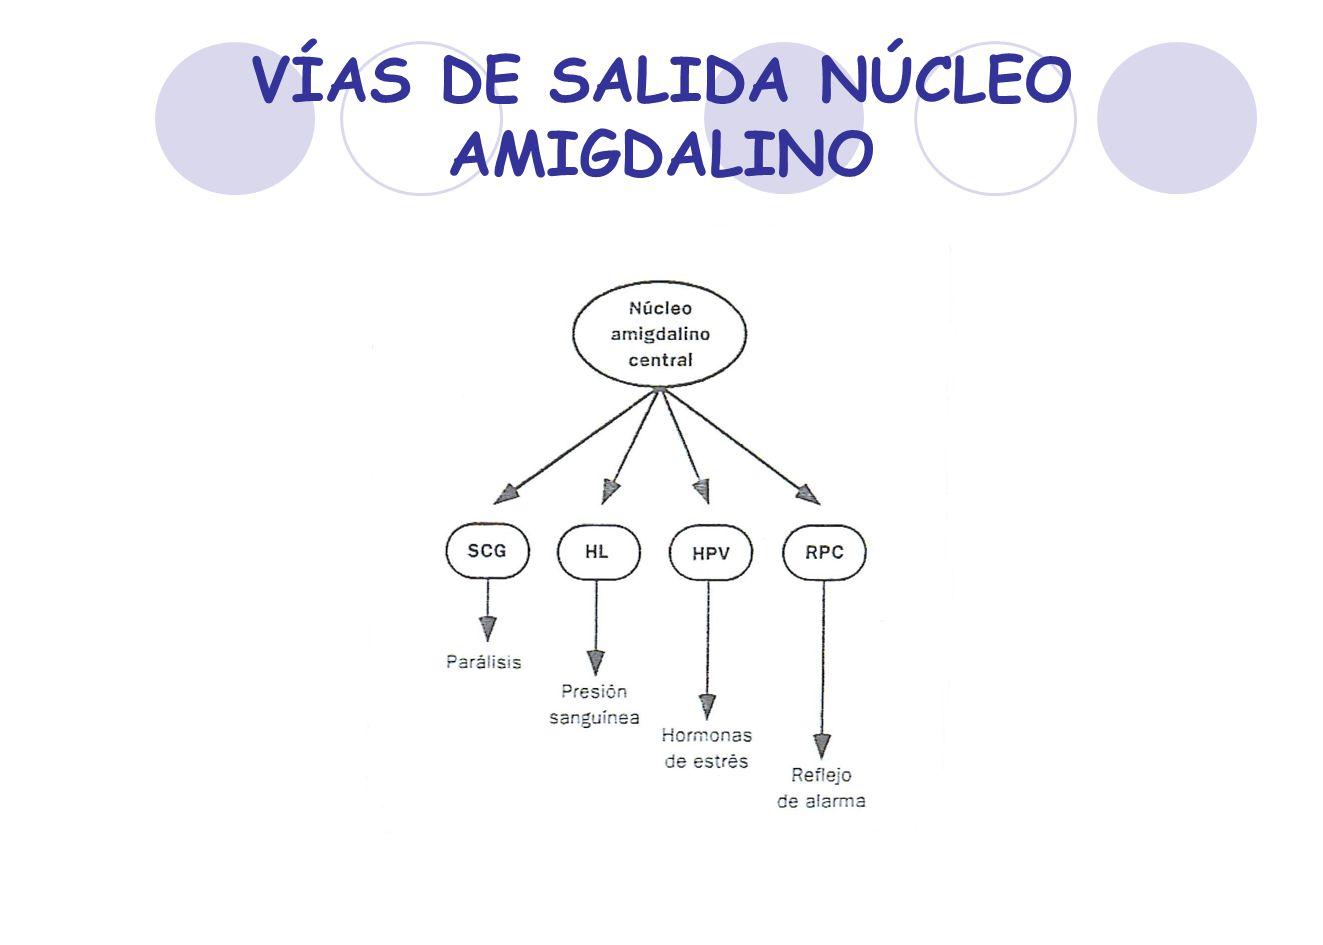 VÍAS DE SALIDA NÚCLEO AMIGDALINO